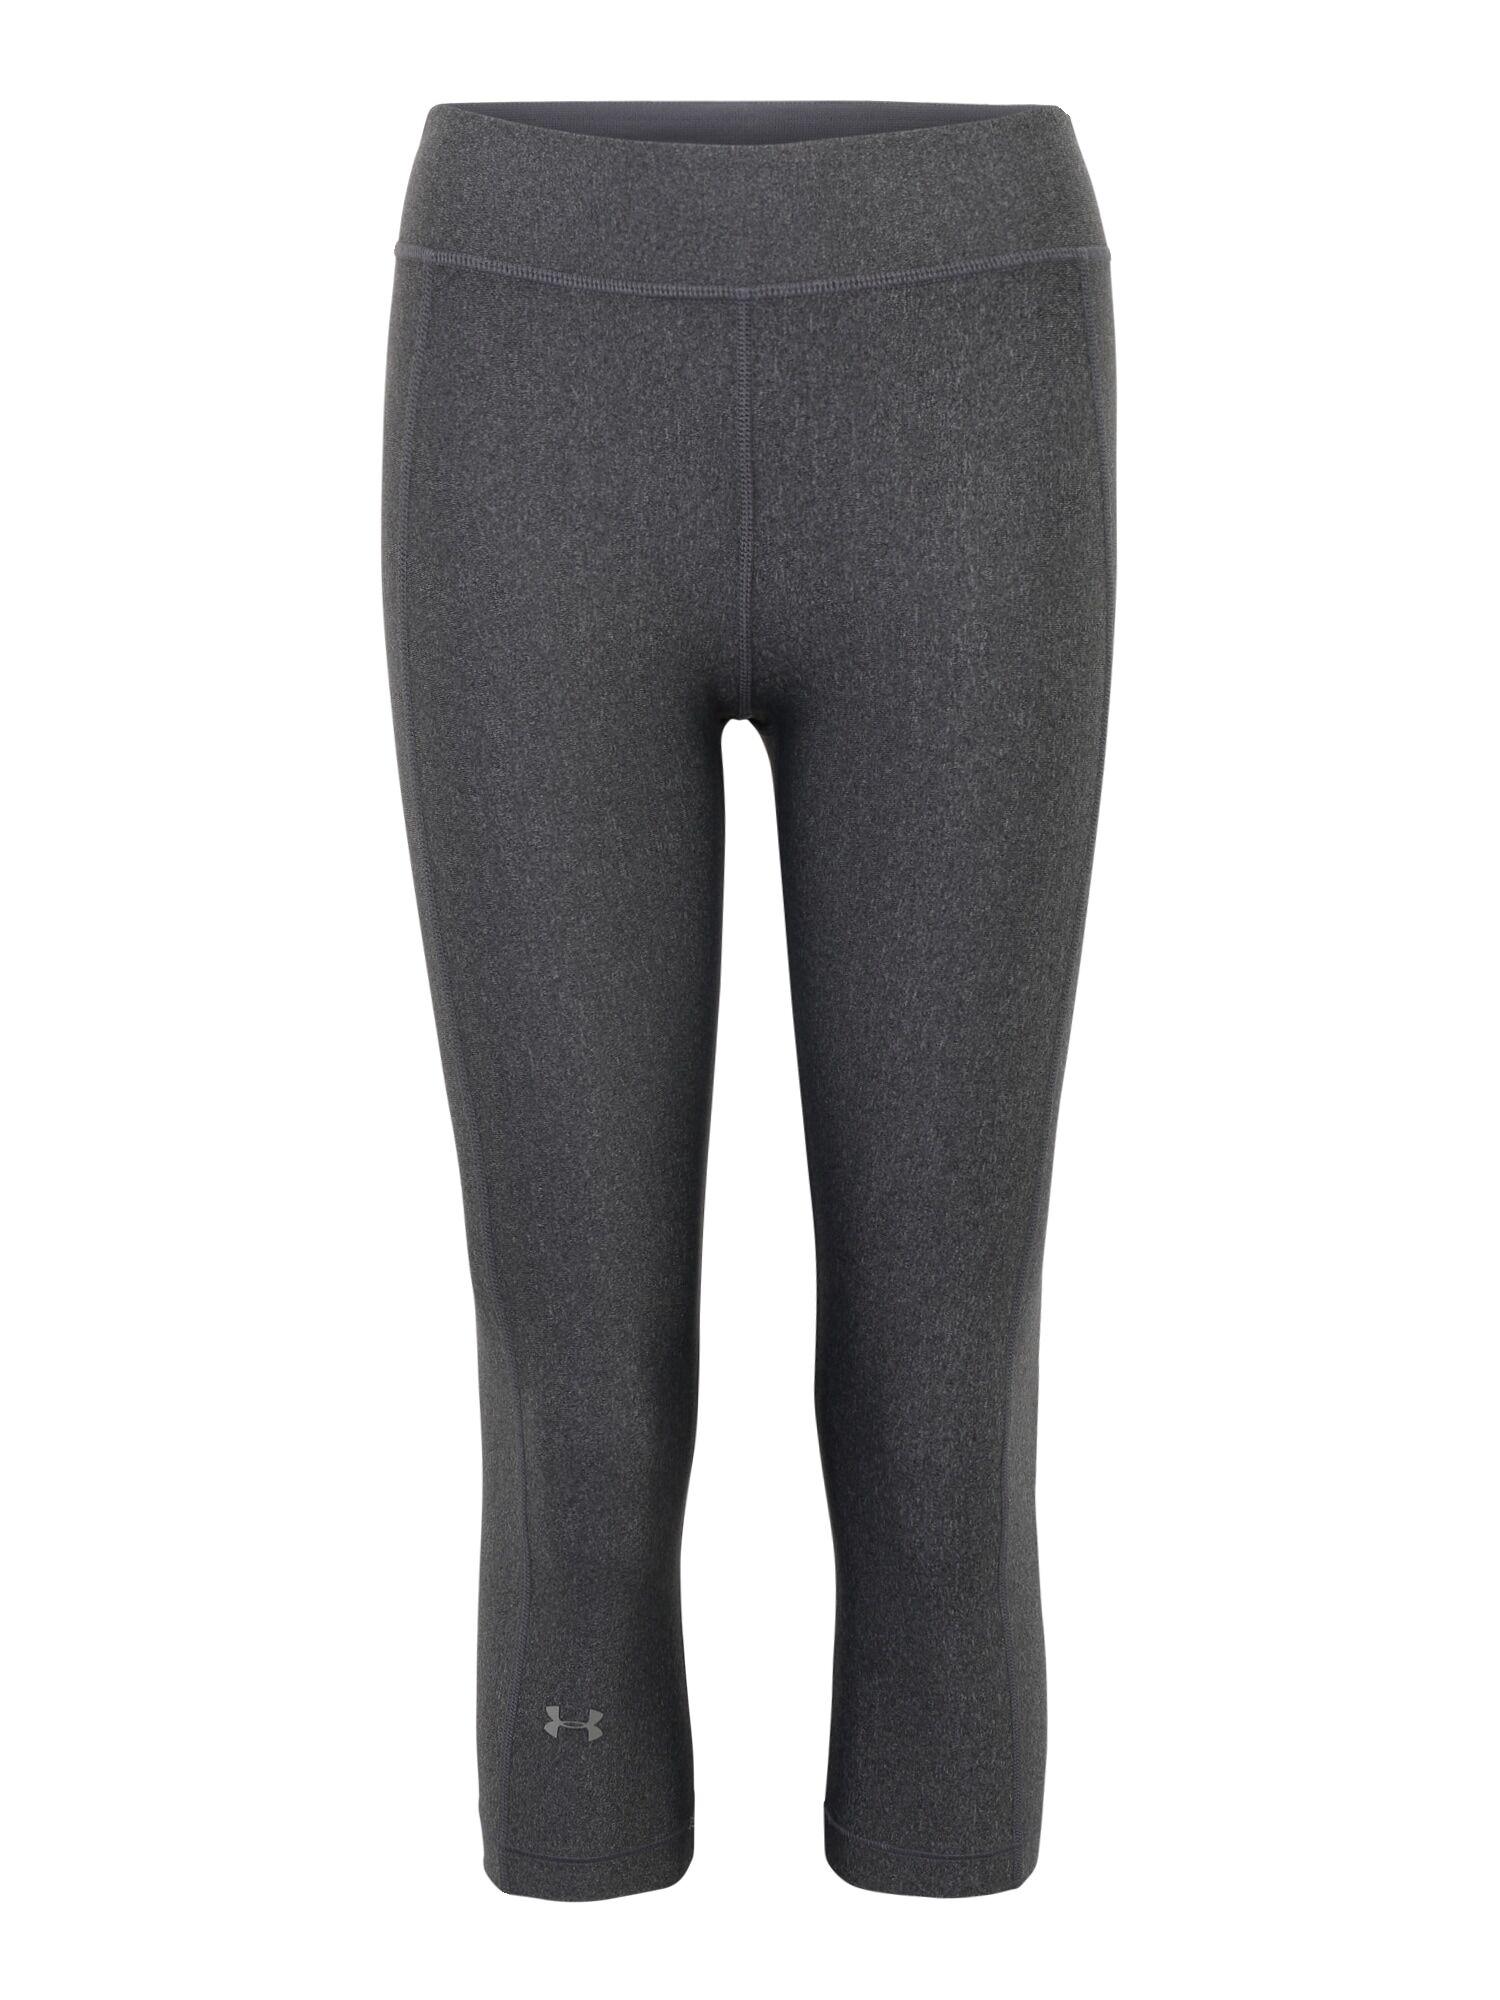 UNDER ARMOUR Pantalon de sport  - Gris - Taille: L - female